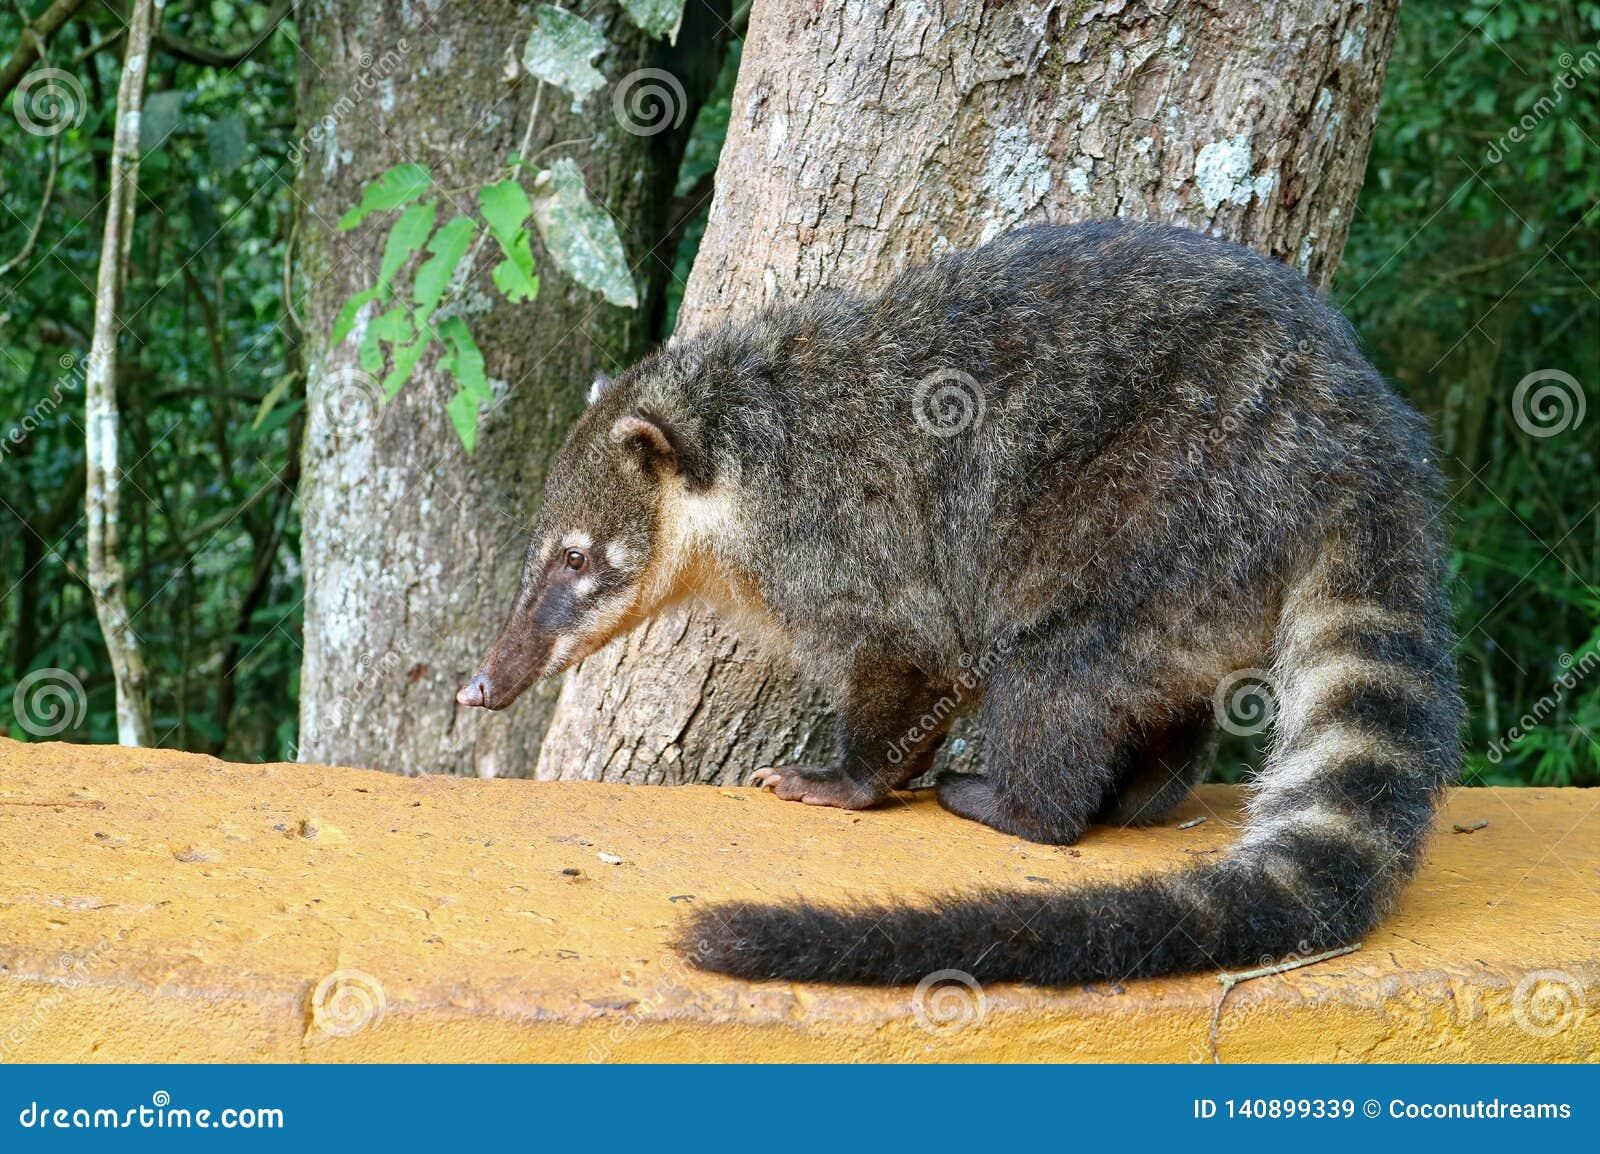 Coati, uno de muchos Mapache-como las criaturas encontradas en el parque nacional de las cataratas del Iguazú, Puerto Iguazu, la